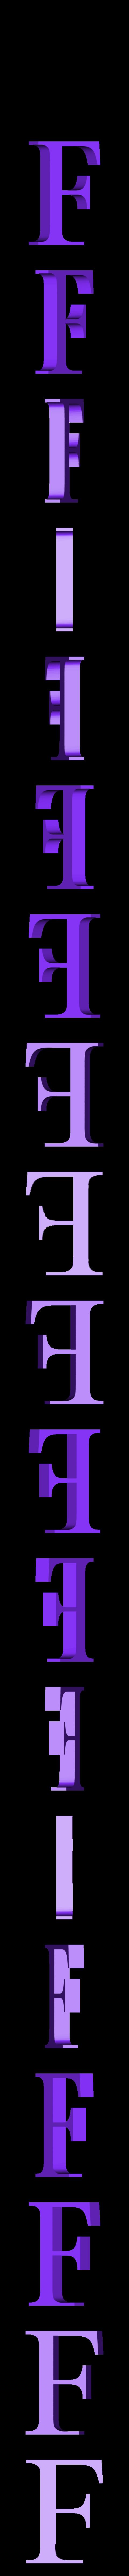 F.STL Télécharger fichier STL gratuit alphabet • Modèle pour imprimante 3D, Cerega